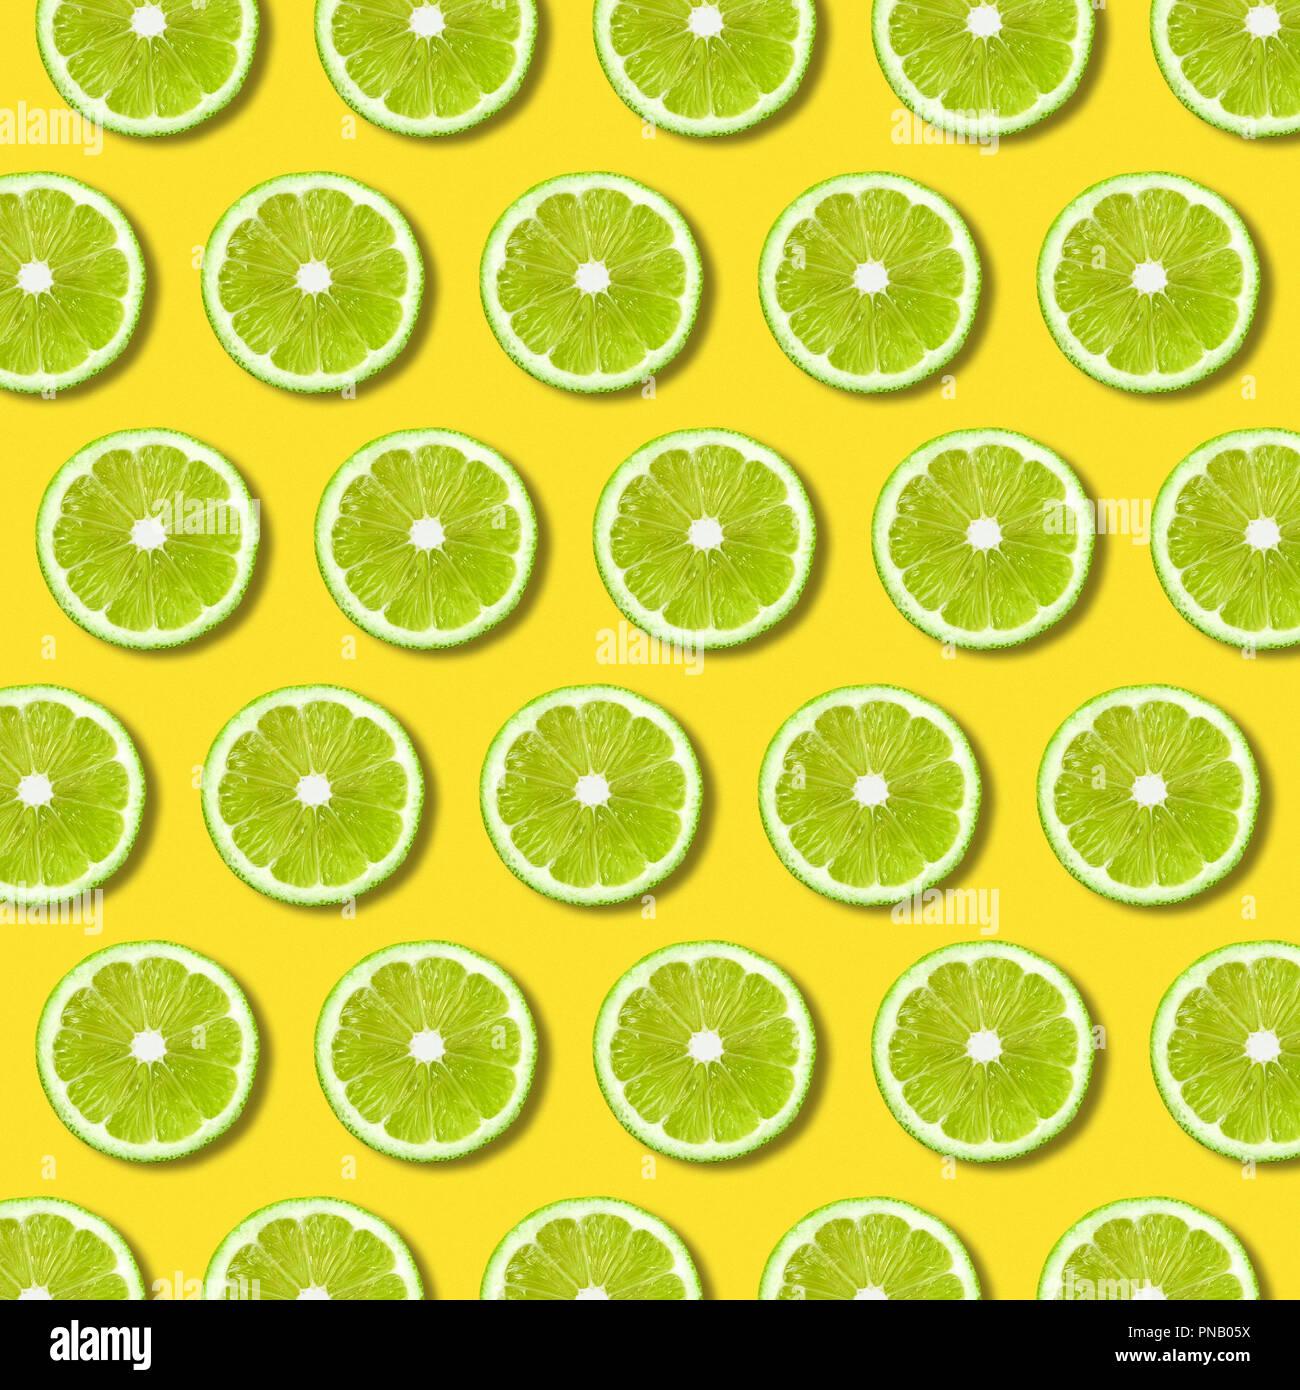 Green fettine di lime modello sulla vibrante colore giallo dello sfondo. Minimo lay piatto food texture Immagini Stock